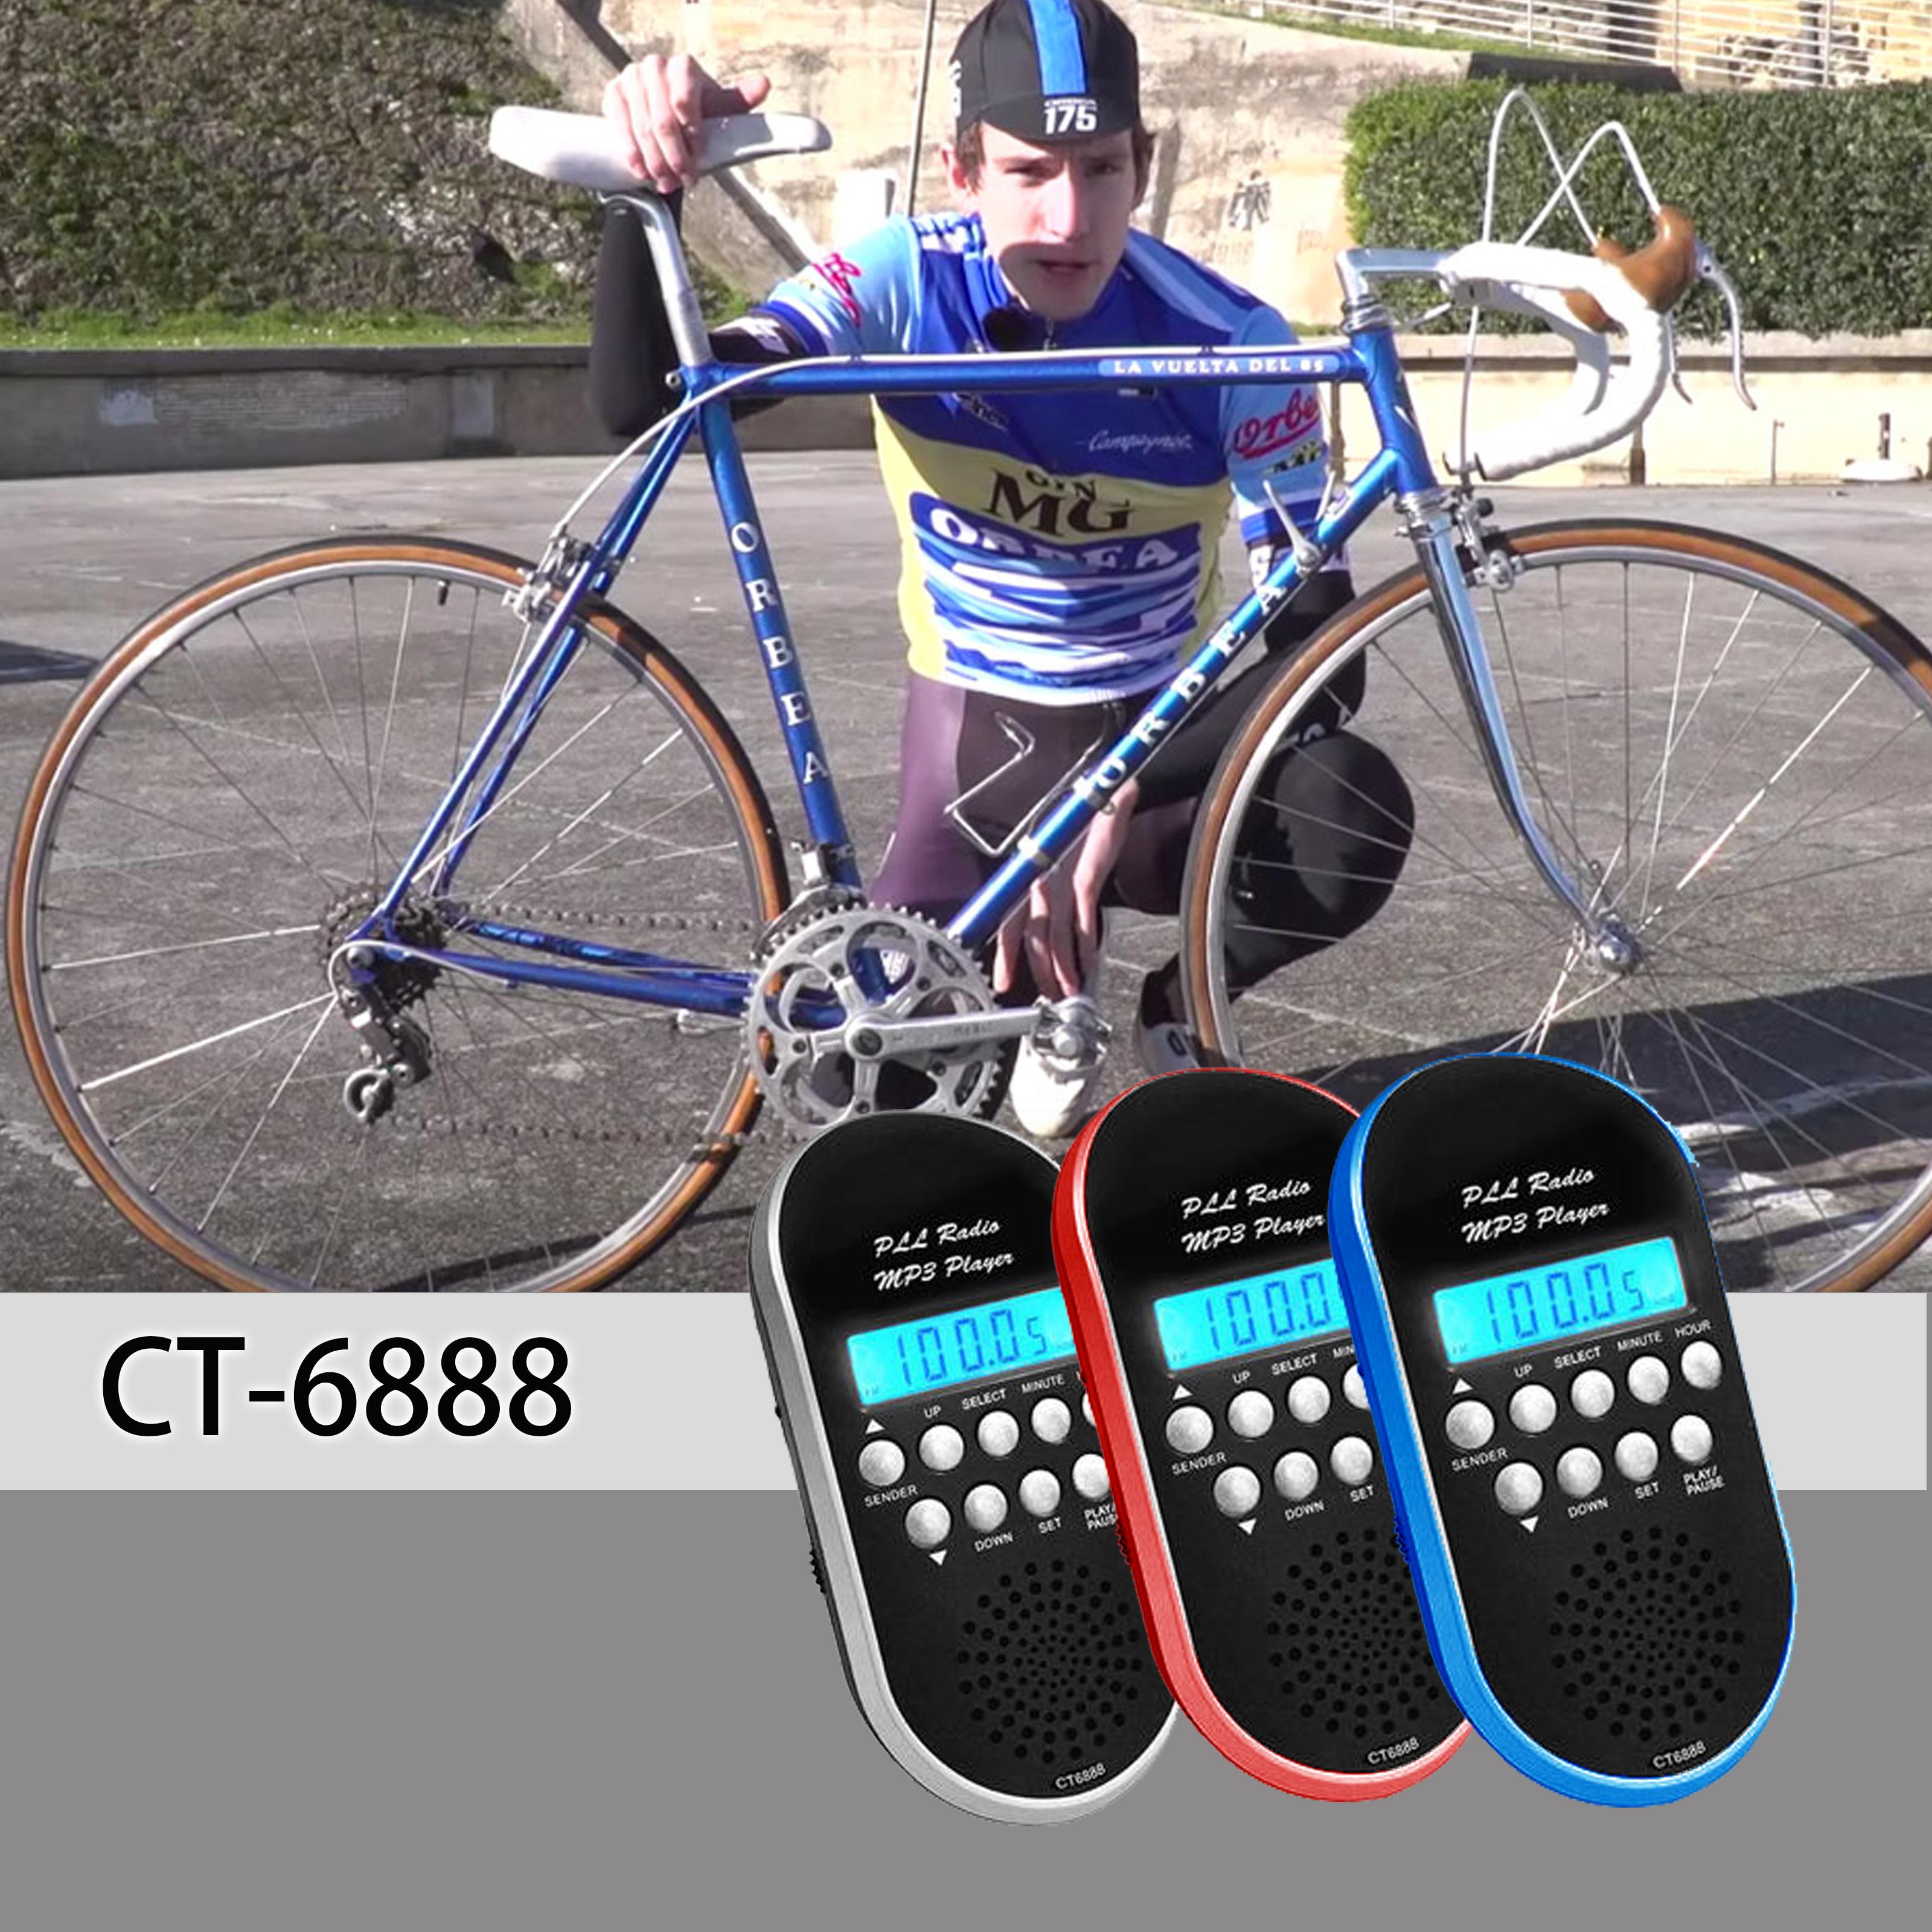 CT-6888 outdoor.jpg